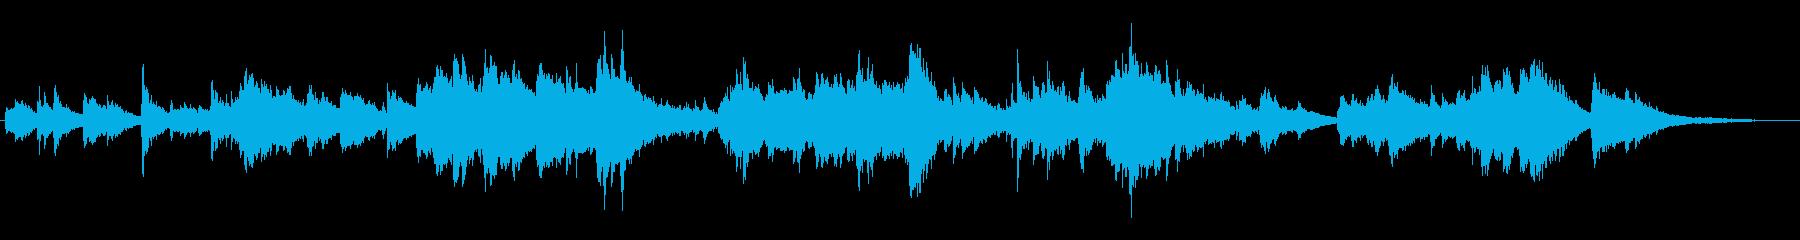 美しい高音と幻想的な雰囲気のピアノ曲の再生済みの波形